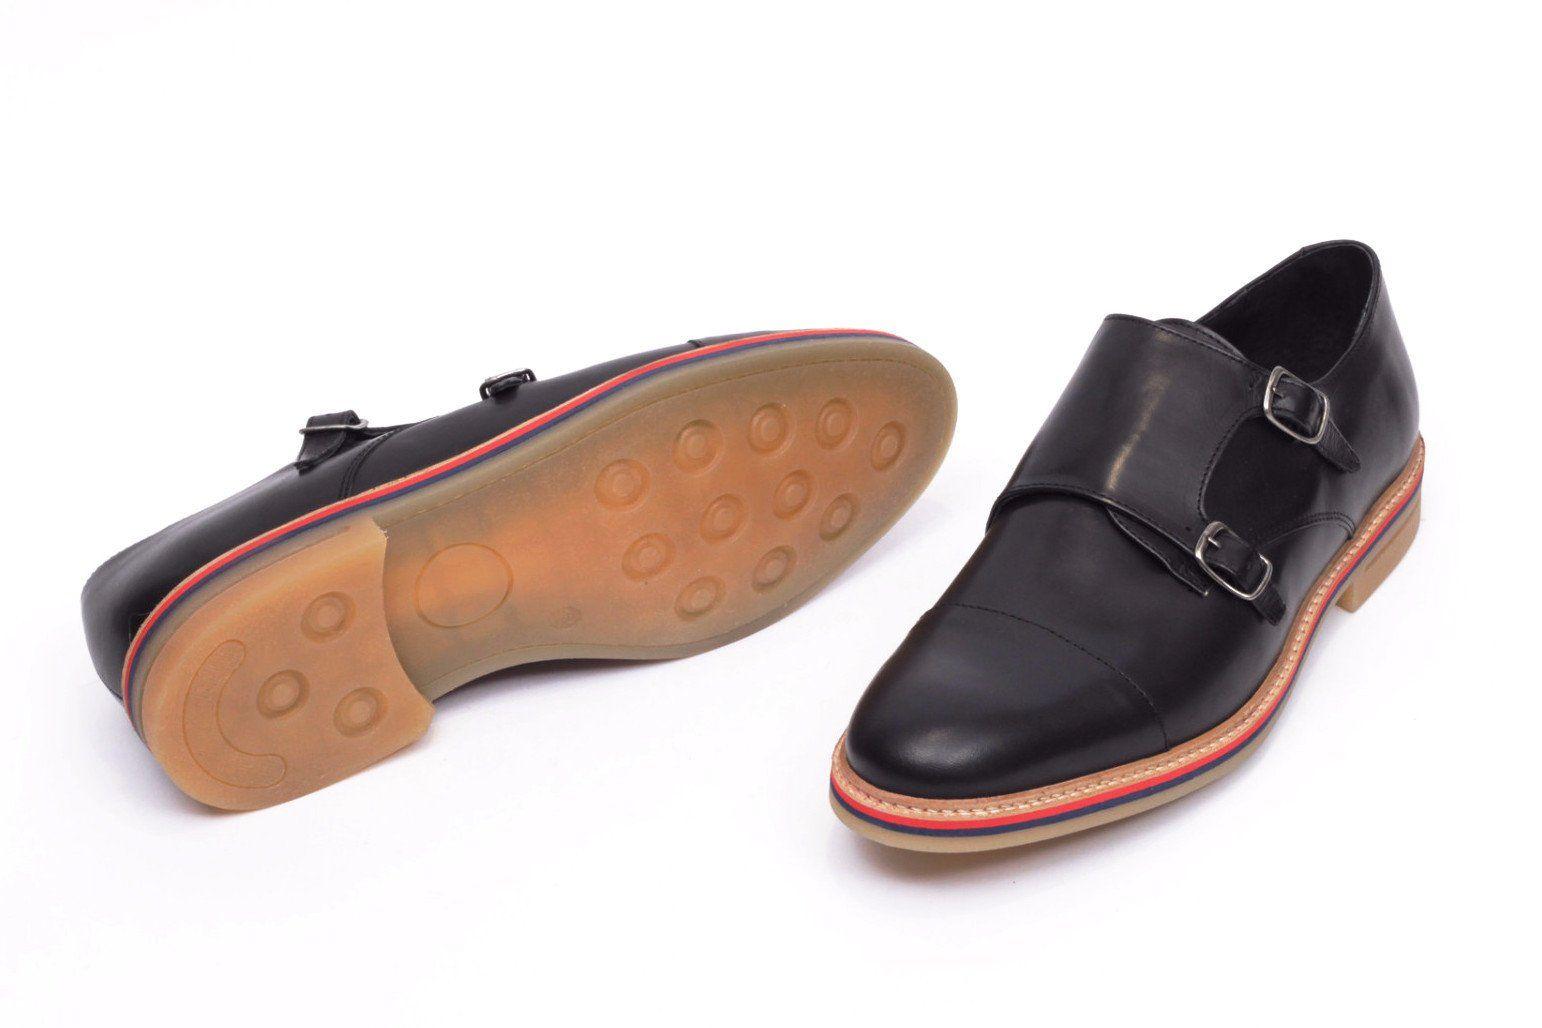 fa62e42f5954e miMaO Prince L Negro– Zapato hombre cómodo piel extraligero - mens  extralight black comfort leather monkstrap shoes